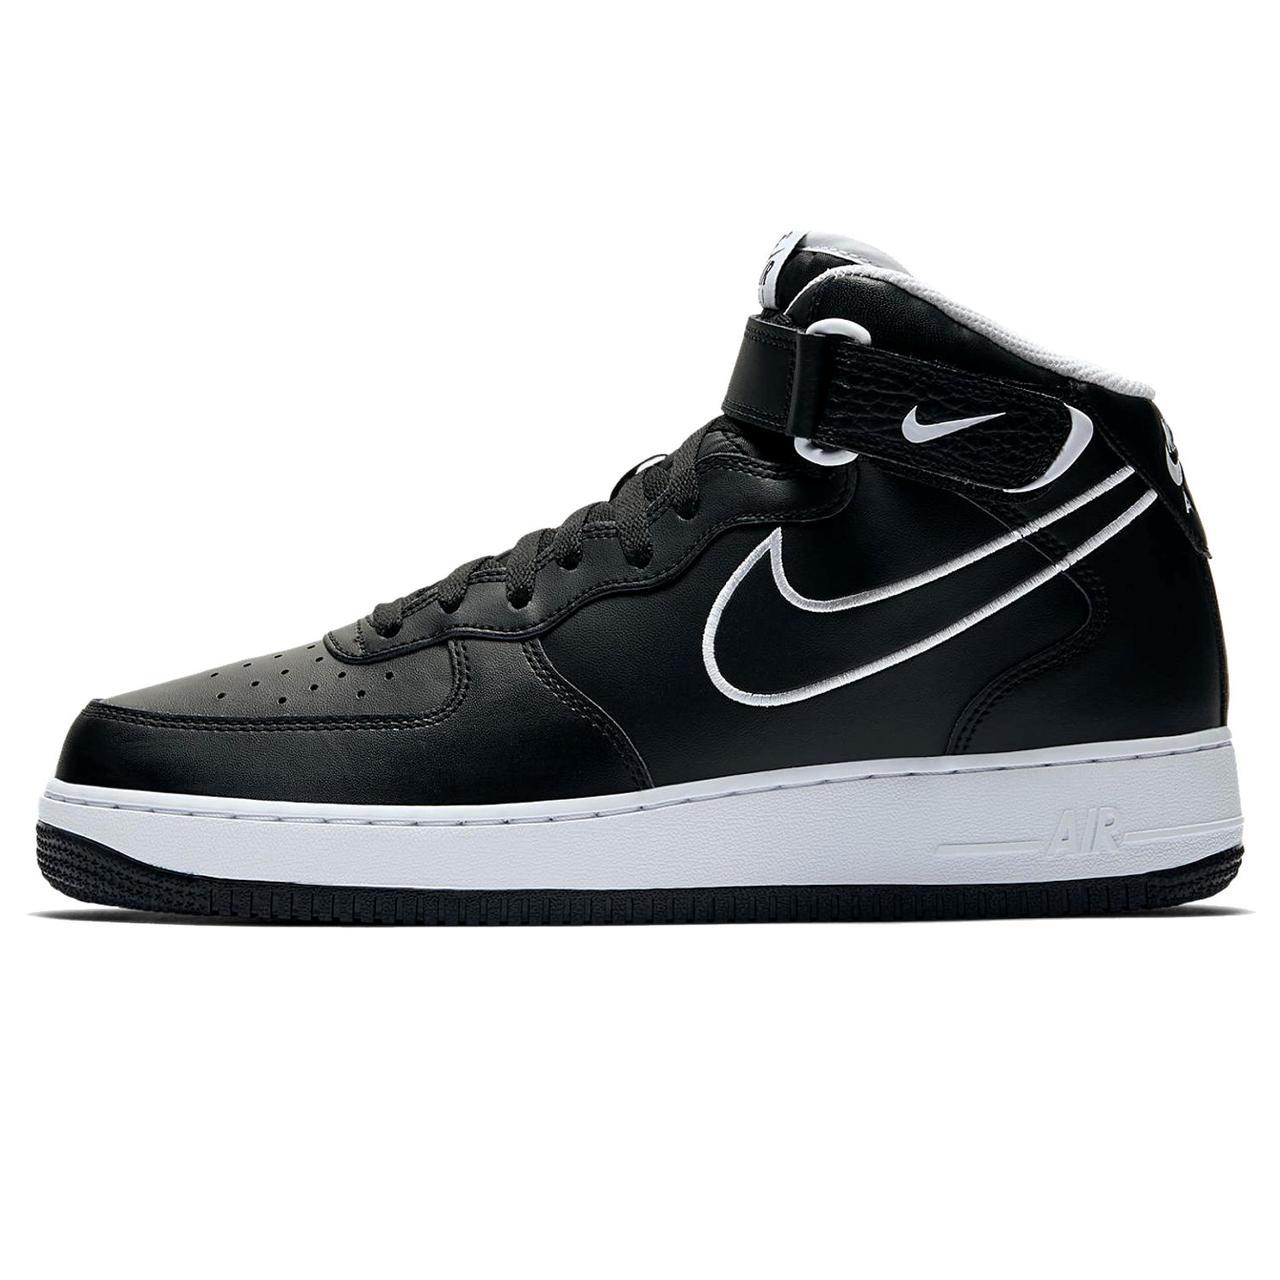 Оригинальные кроссовки Nike Air Max 1 Mid 07  - Sport-Sneakers - Оригинальные  кроссовки 9c9679aff81